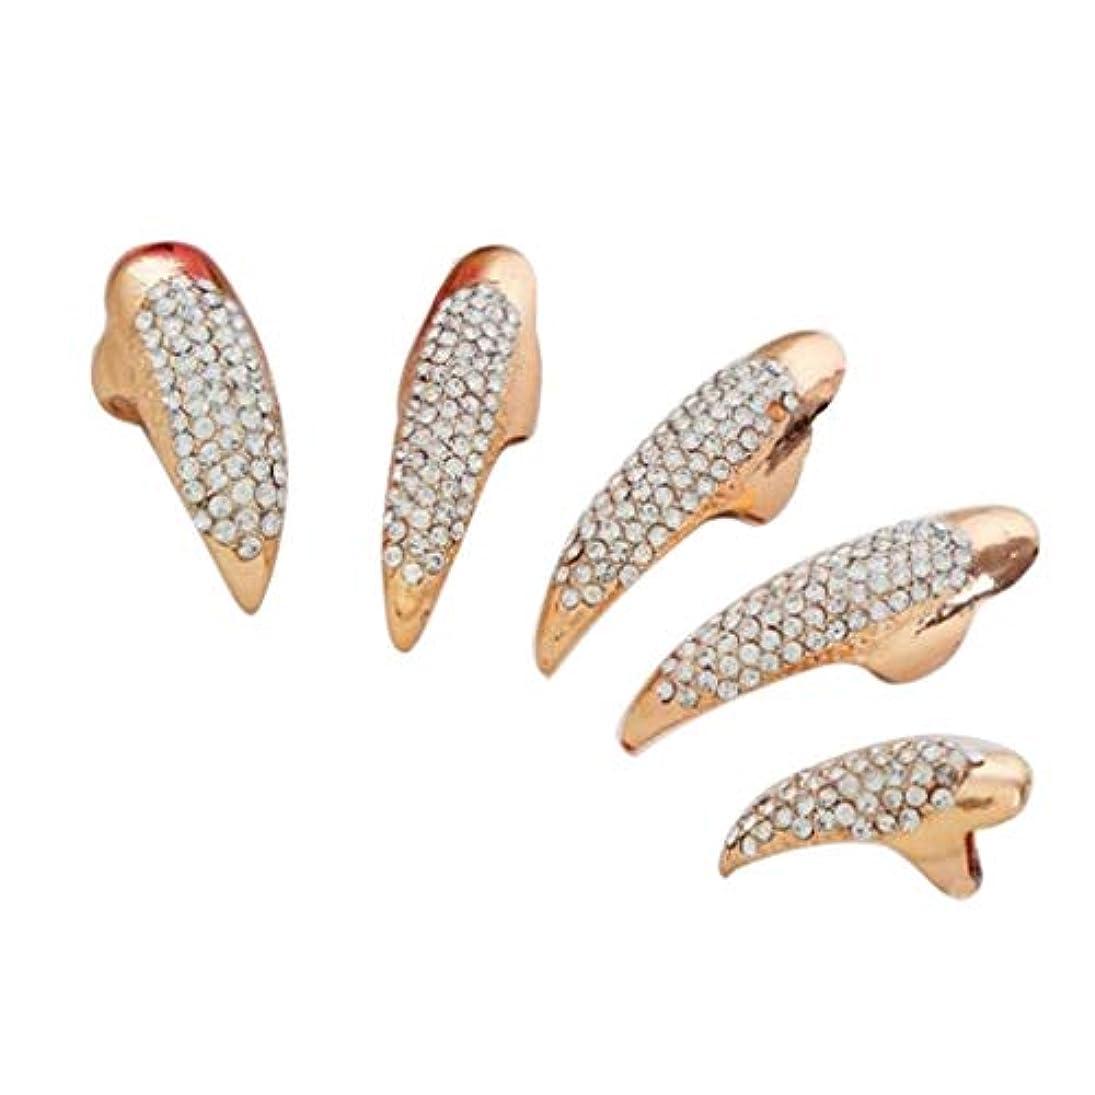 アレルギー休暇花弁Sharplace 爪リング ネイルチップ ネイルアート 人工の爪 曲げ爪 コスプレ パーティー 2色選べ - ゴールデン